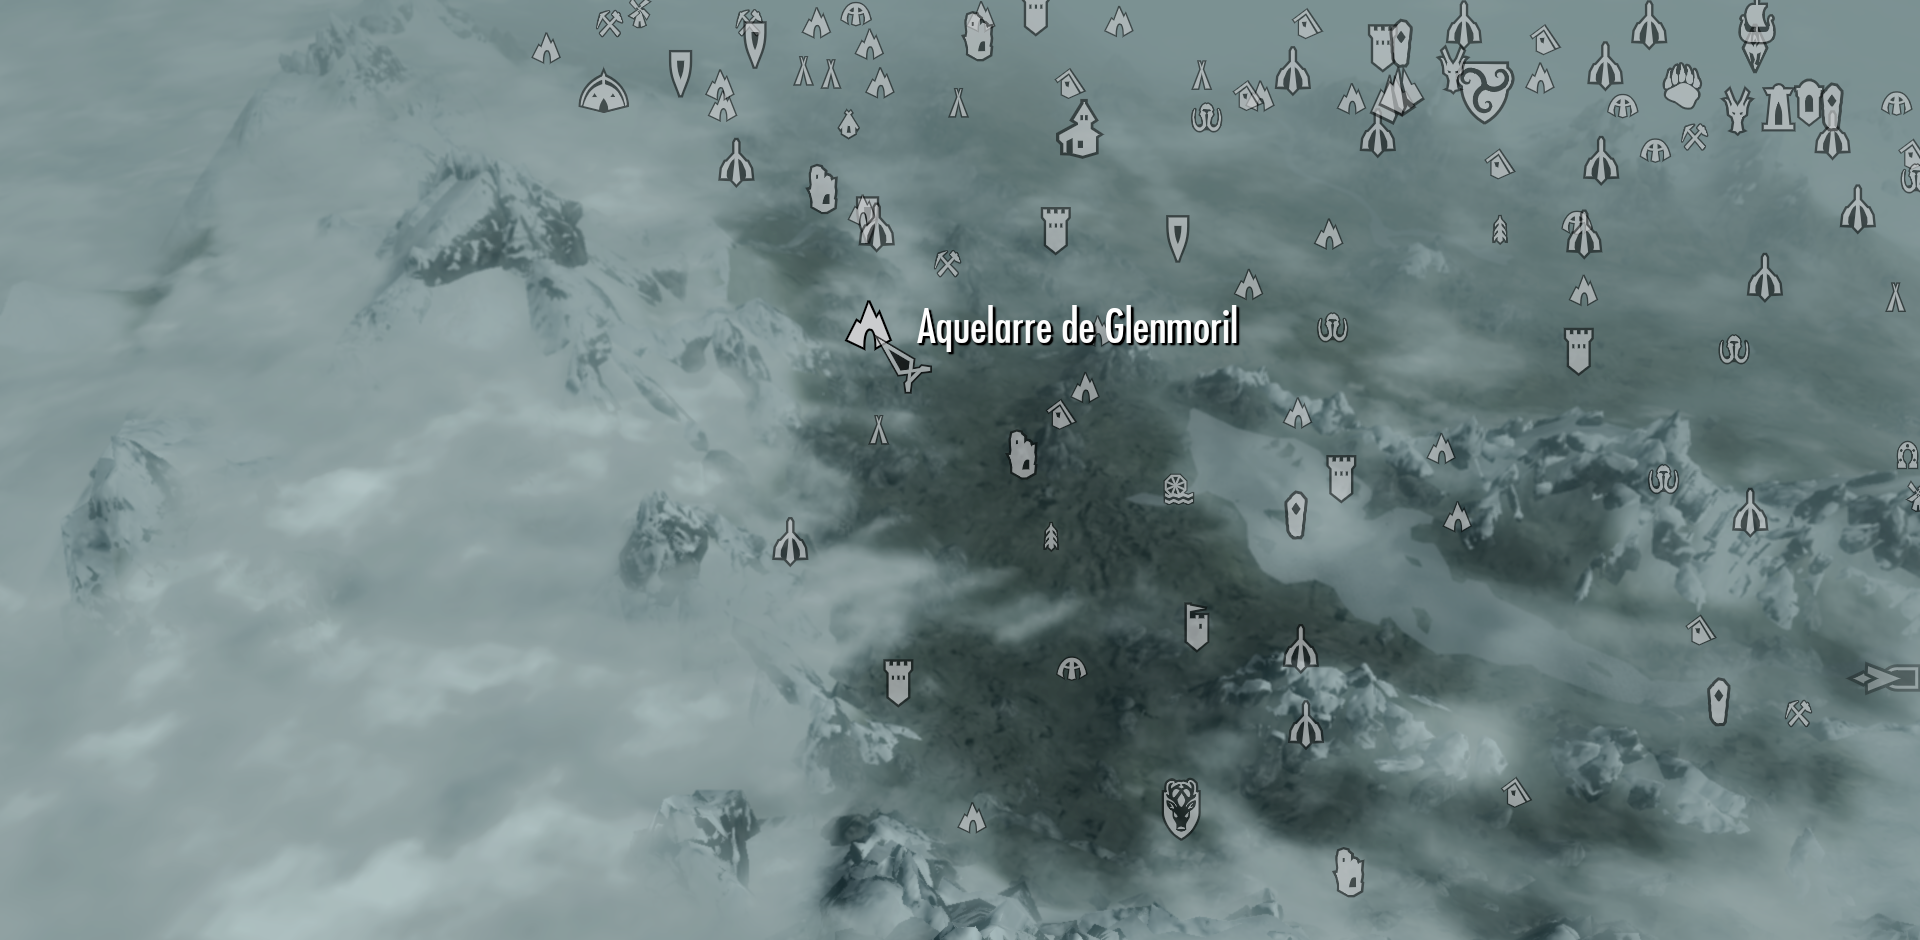 Aquelarre de Glenmoril